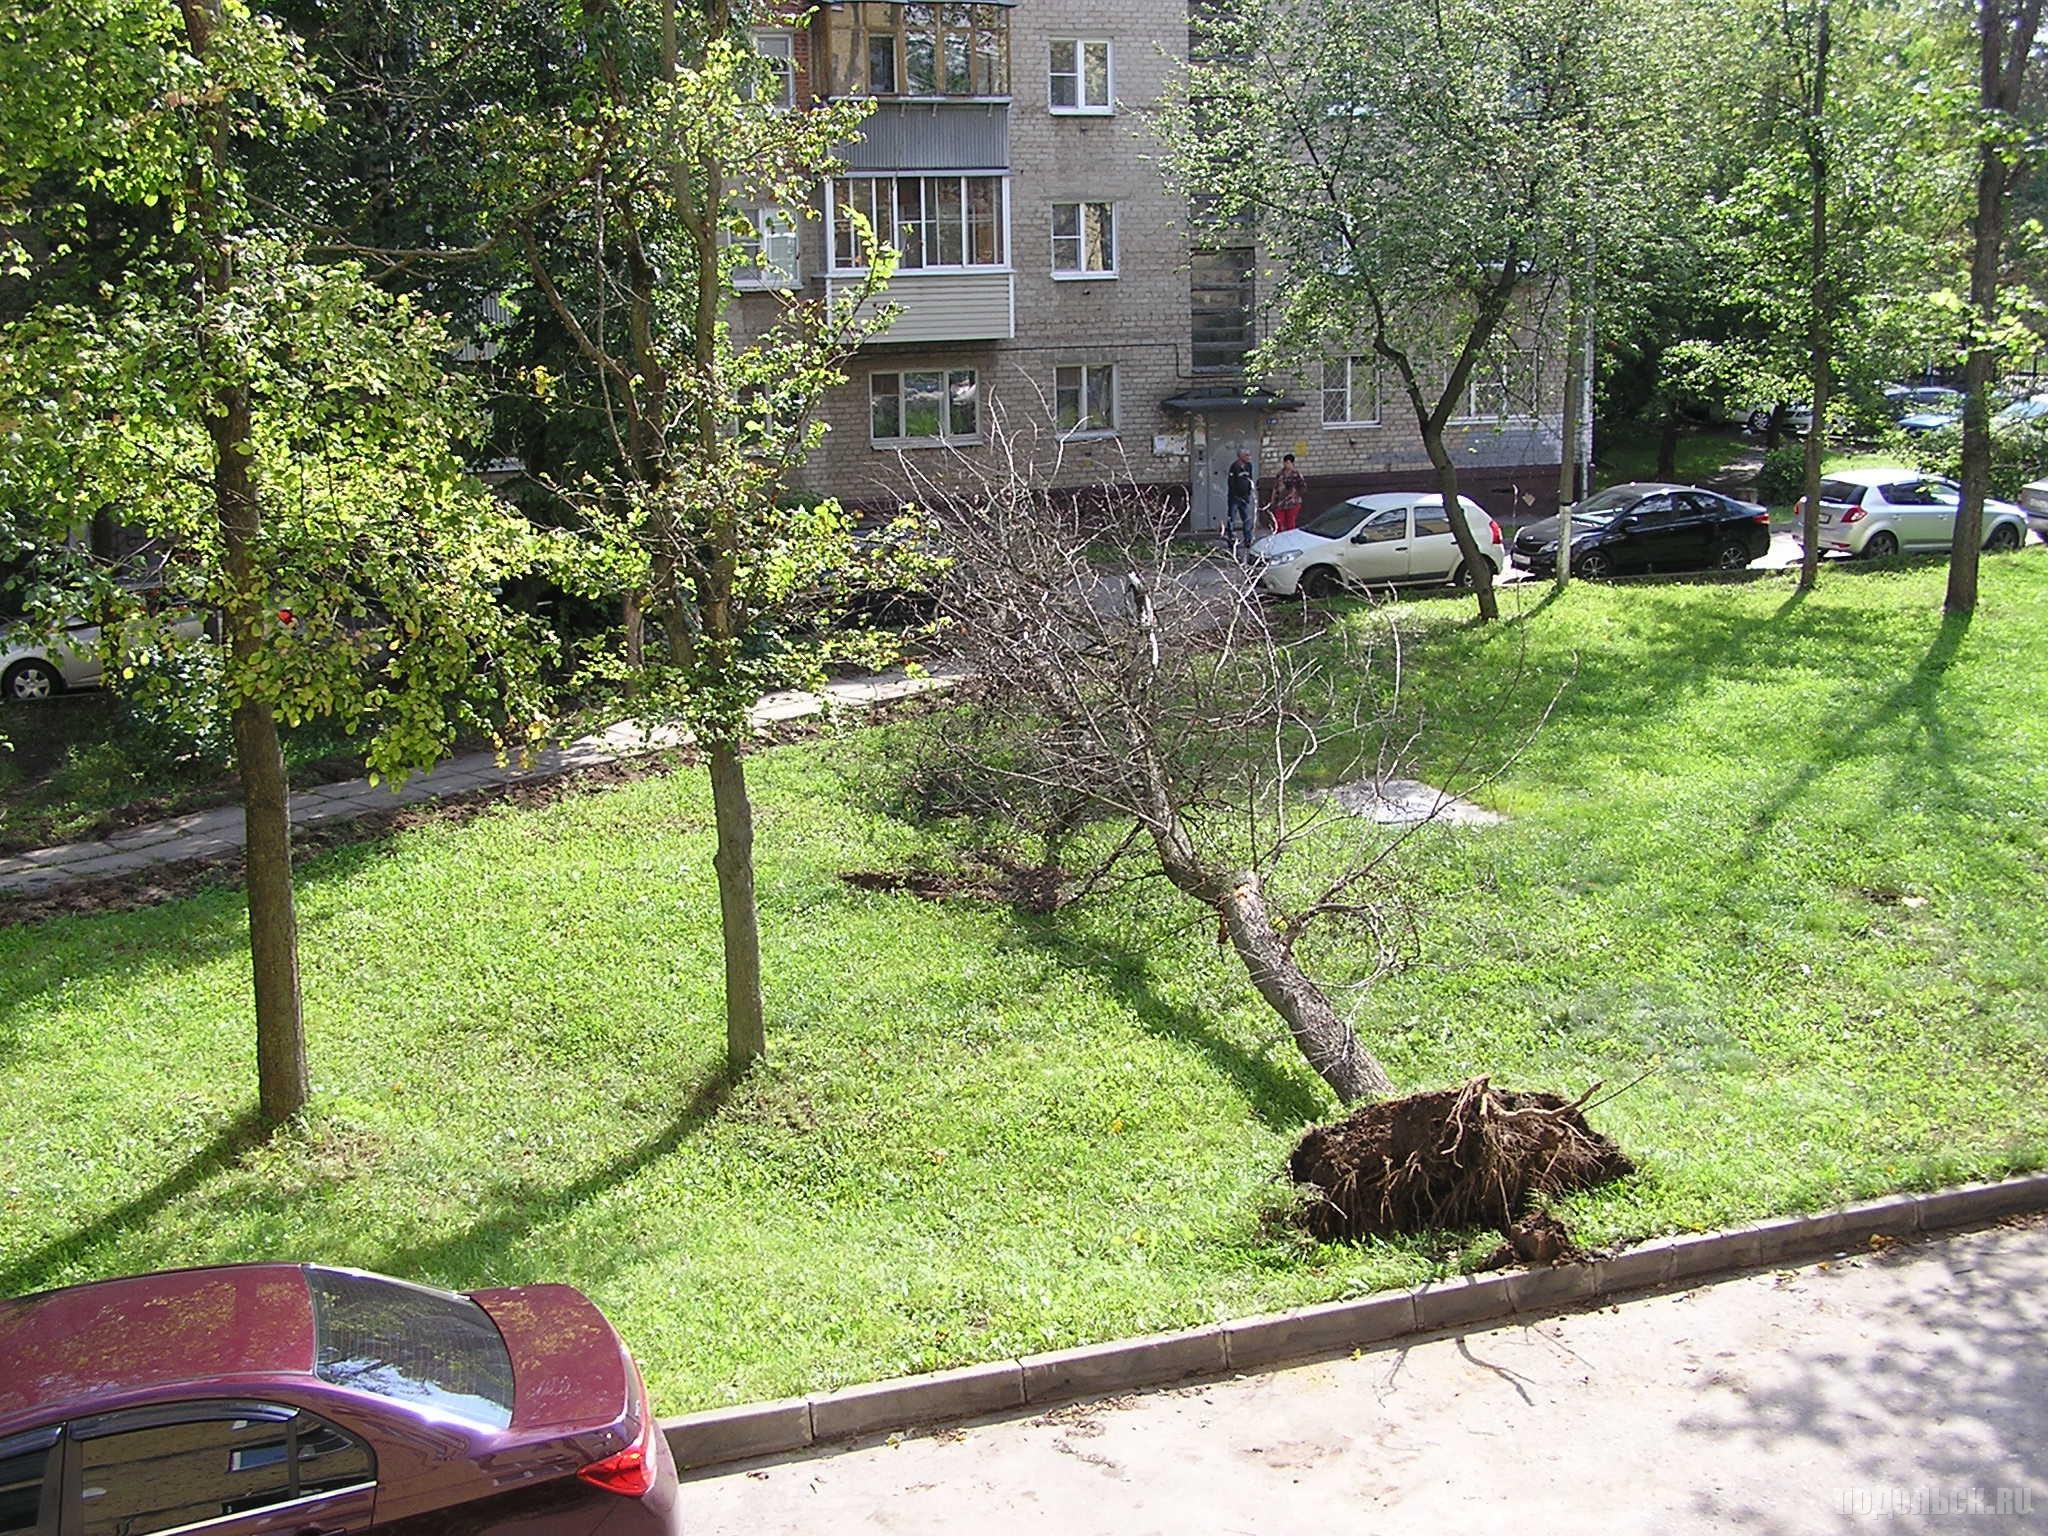 Упавшее засохшее дерево во дворе. Август 2016 г.